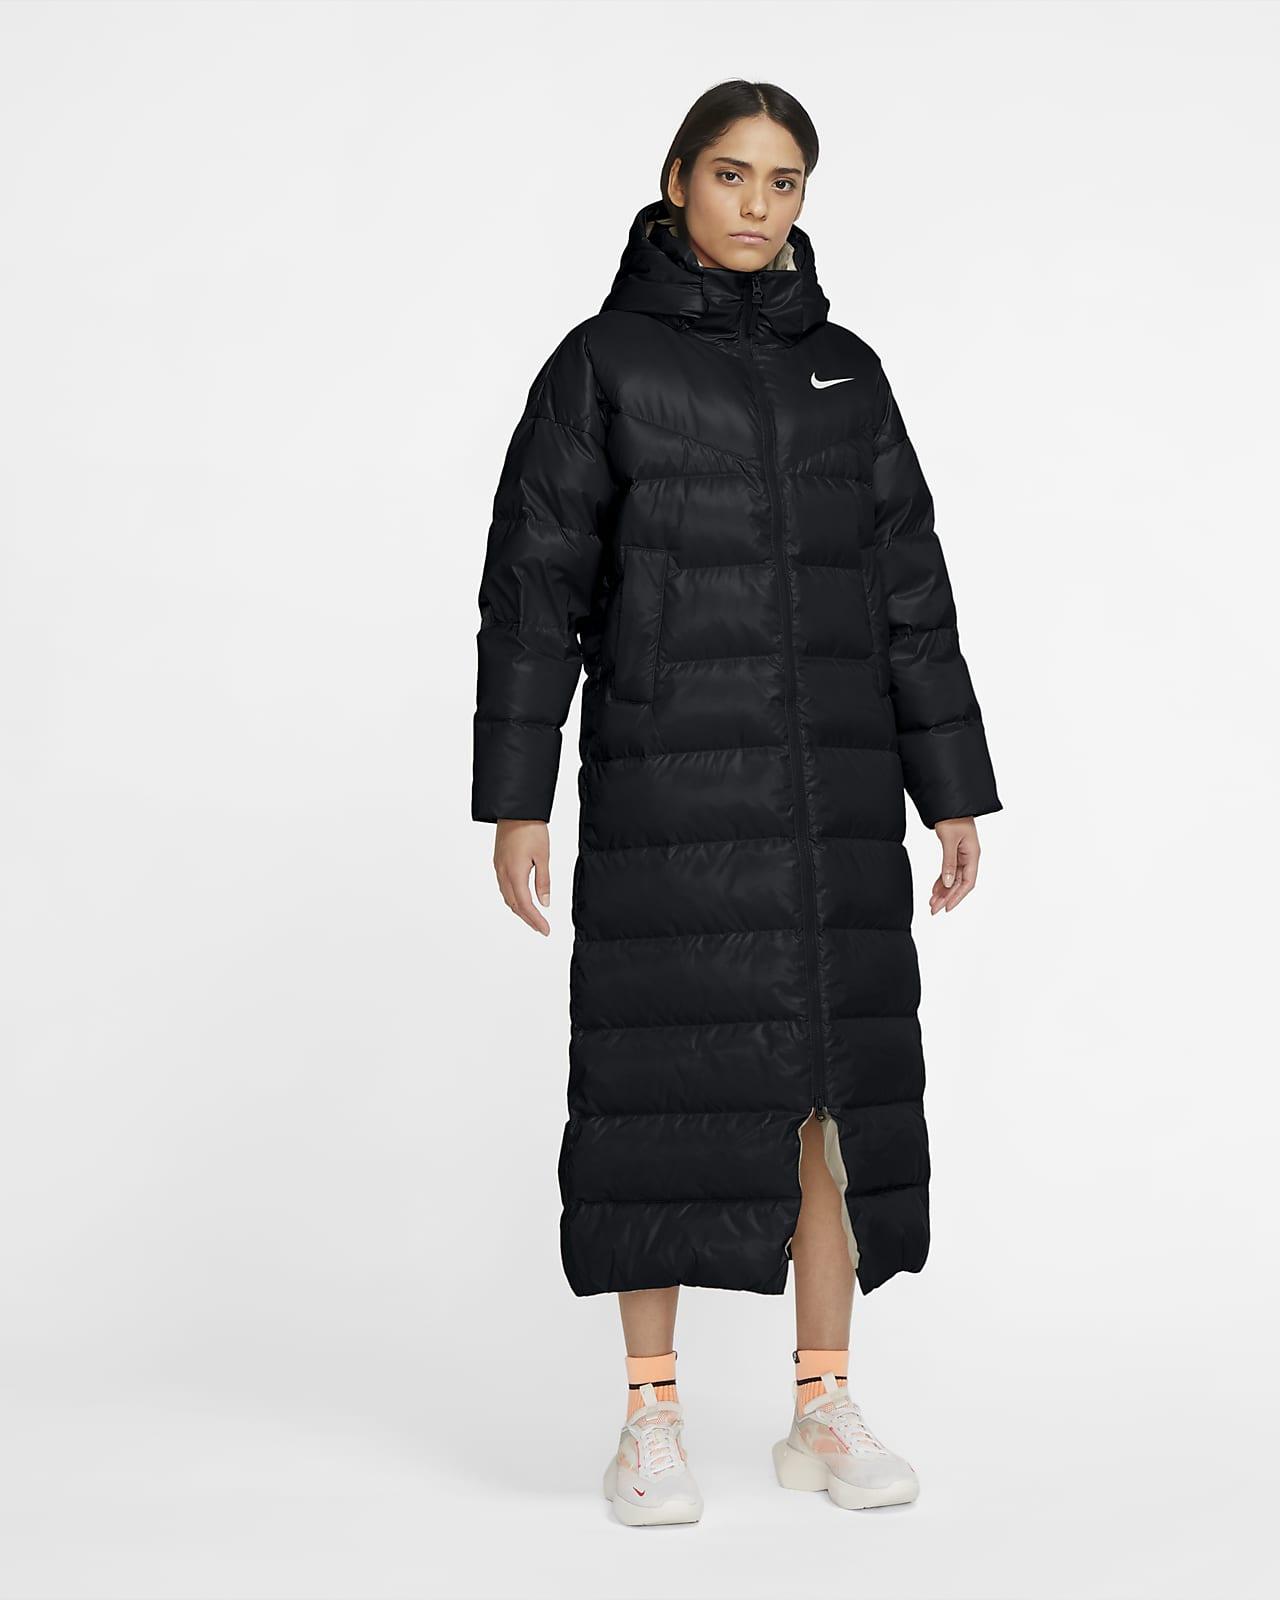 Nike Sportswear Kuş Tüyü Kadın Parkası